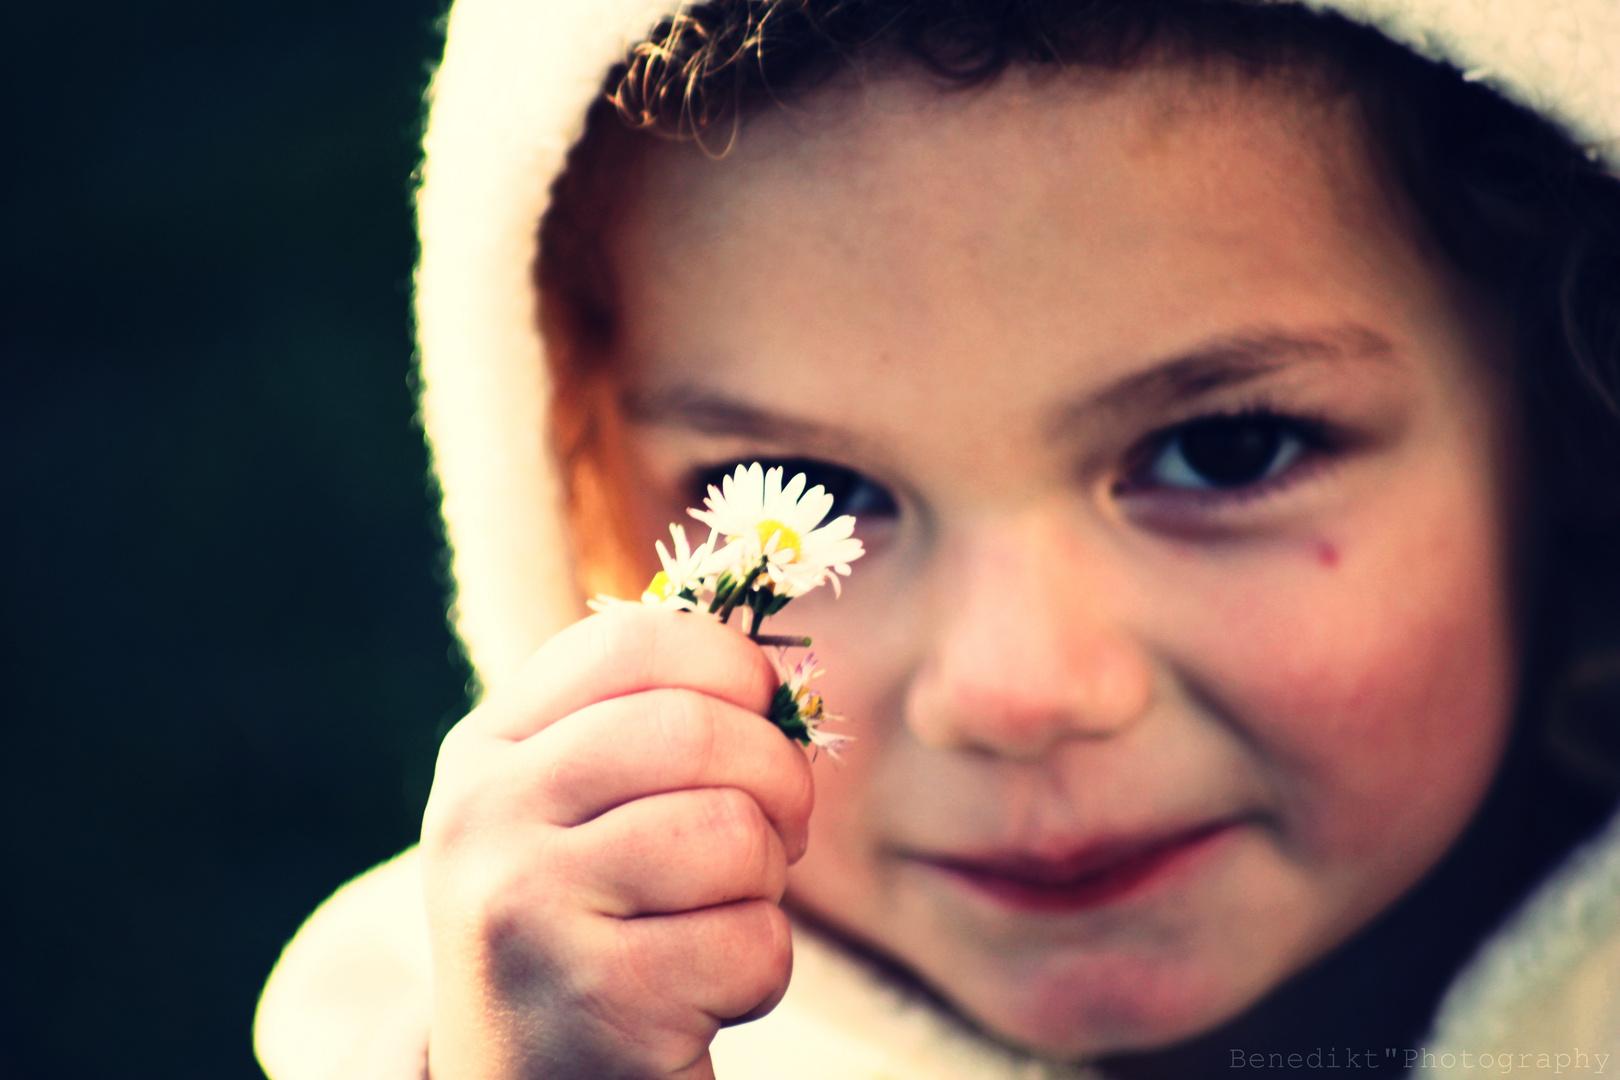 Kind mit Gänseblümchen